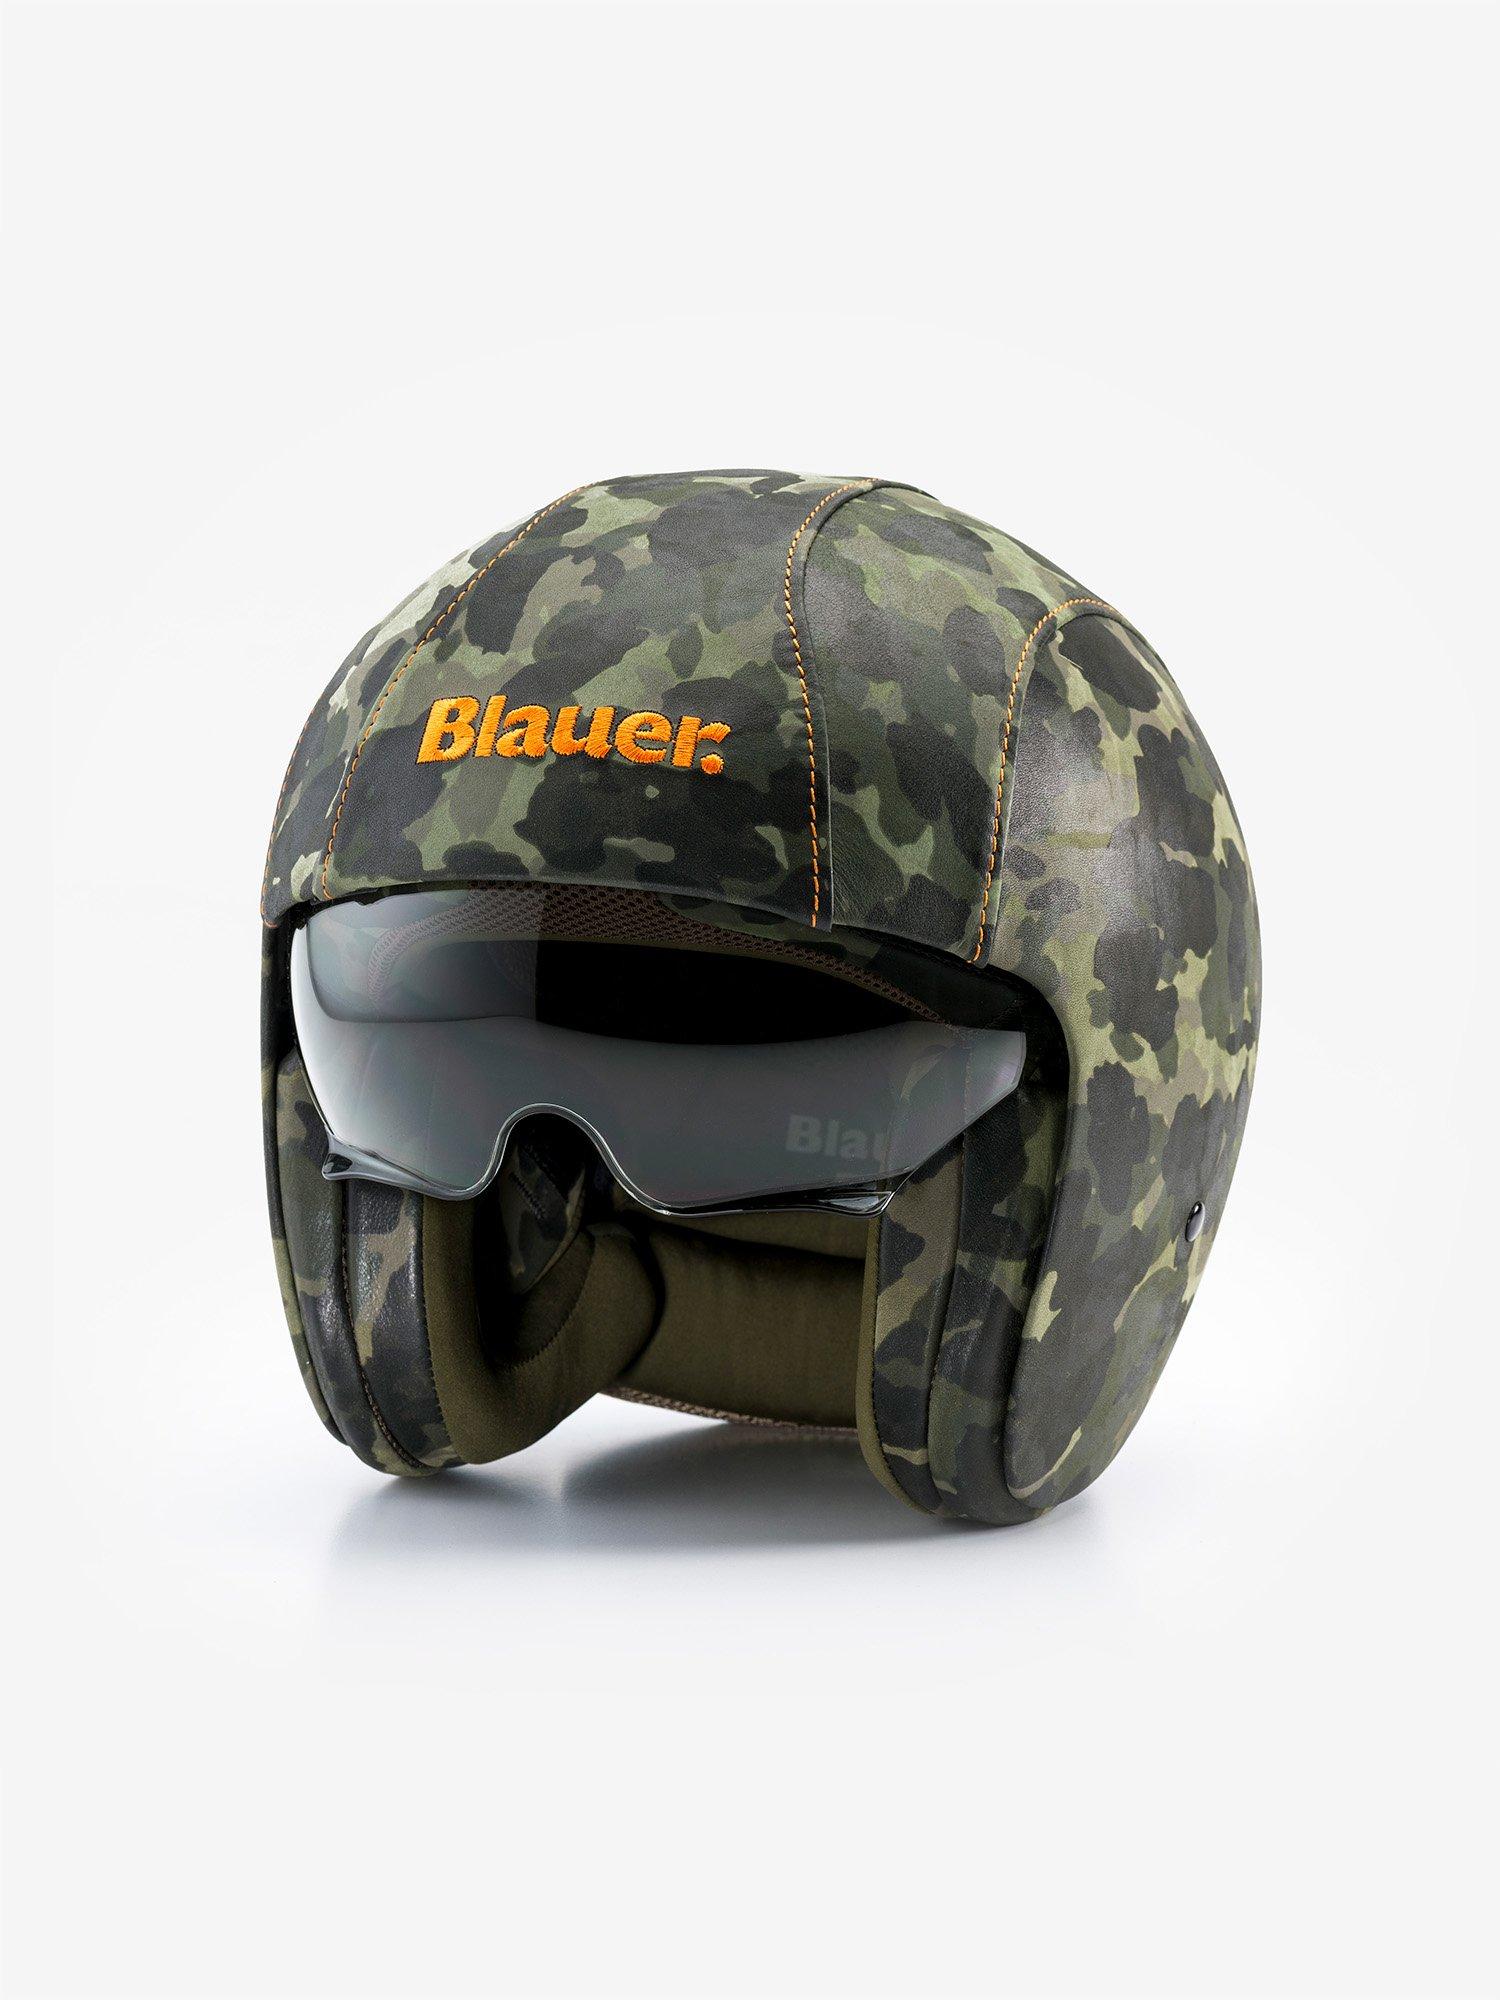 Blauer - PILOT 1.1 CAMO - Camouflage Green - Blauer